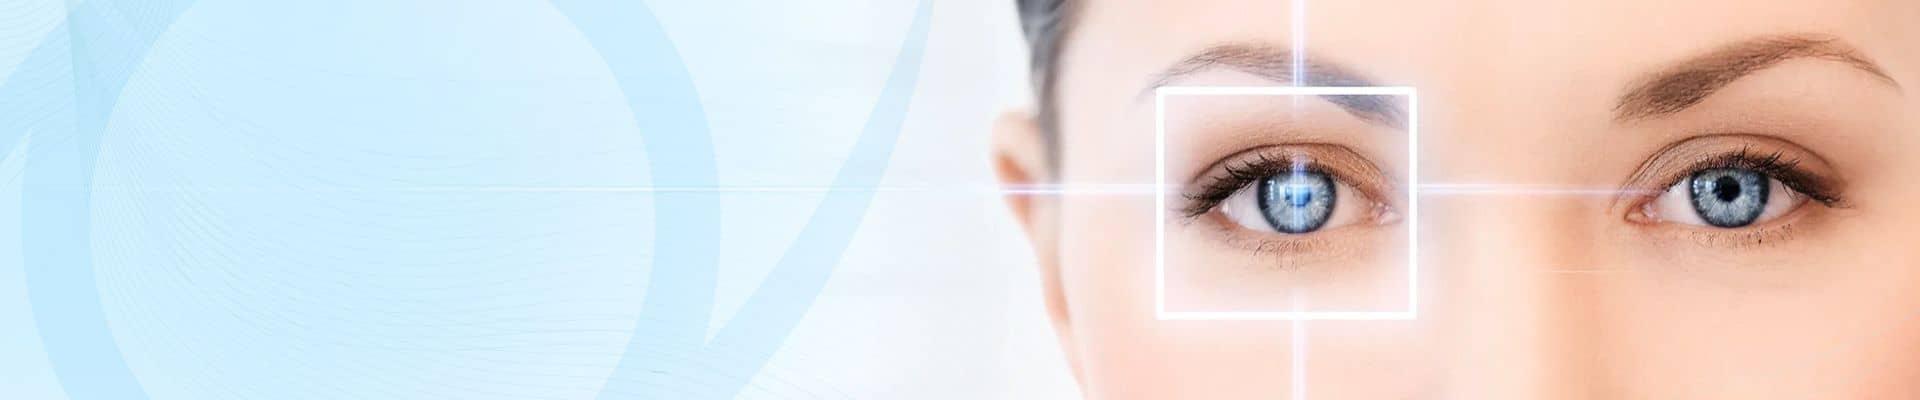 látás plusz 3 kezelés az indiánok jobb látása